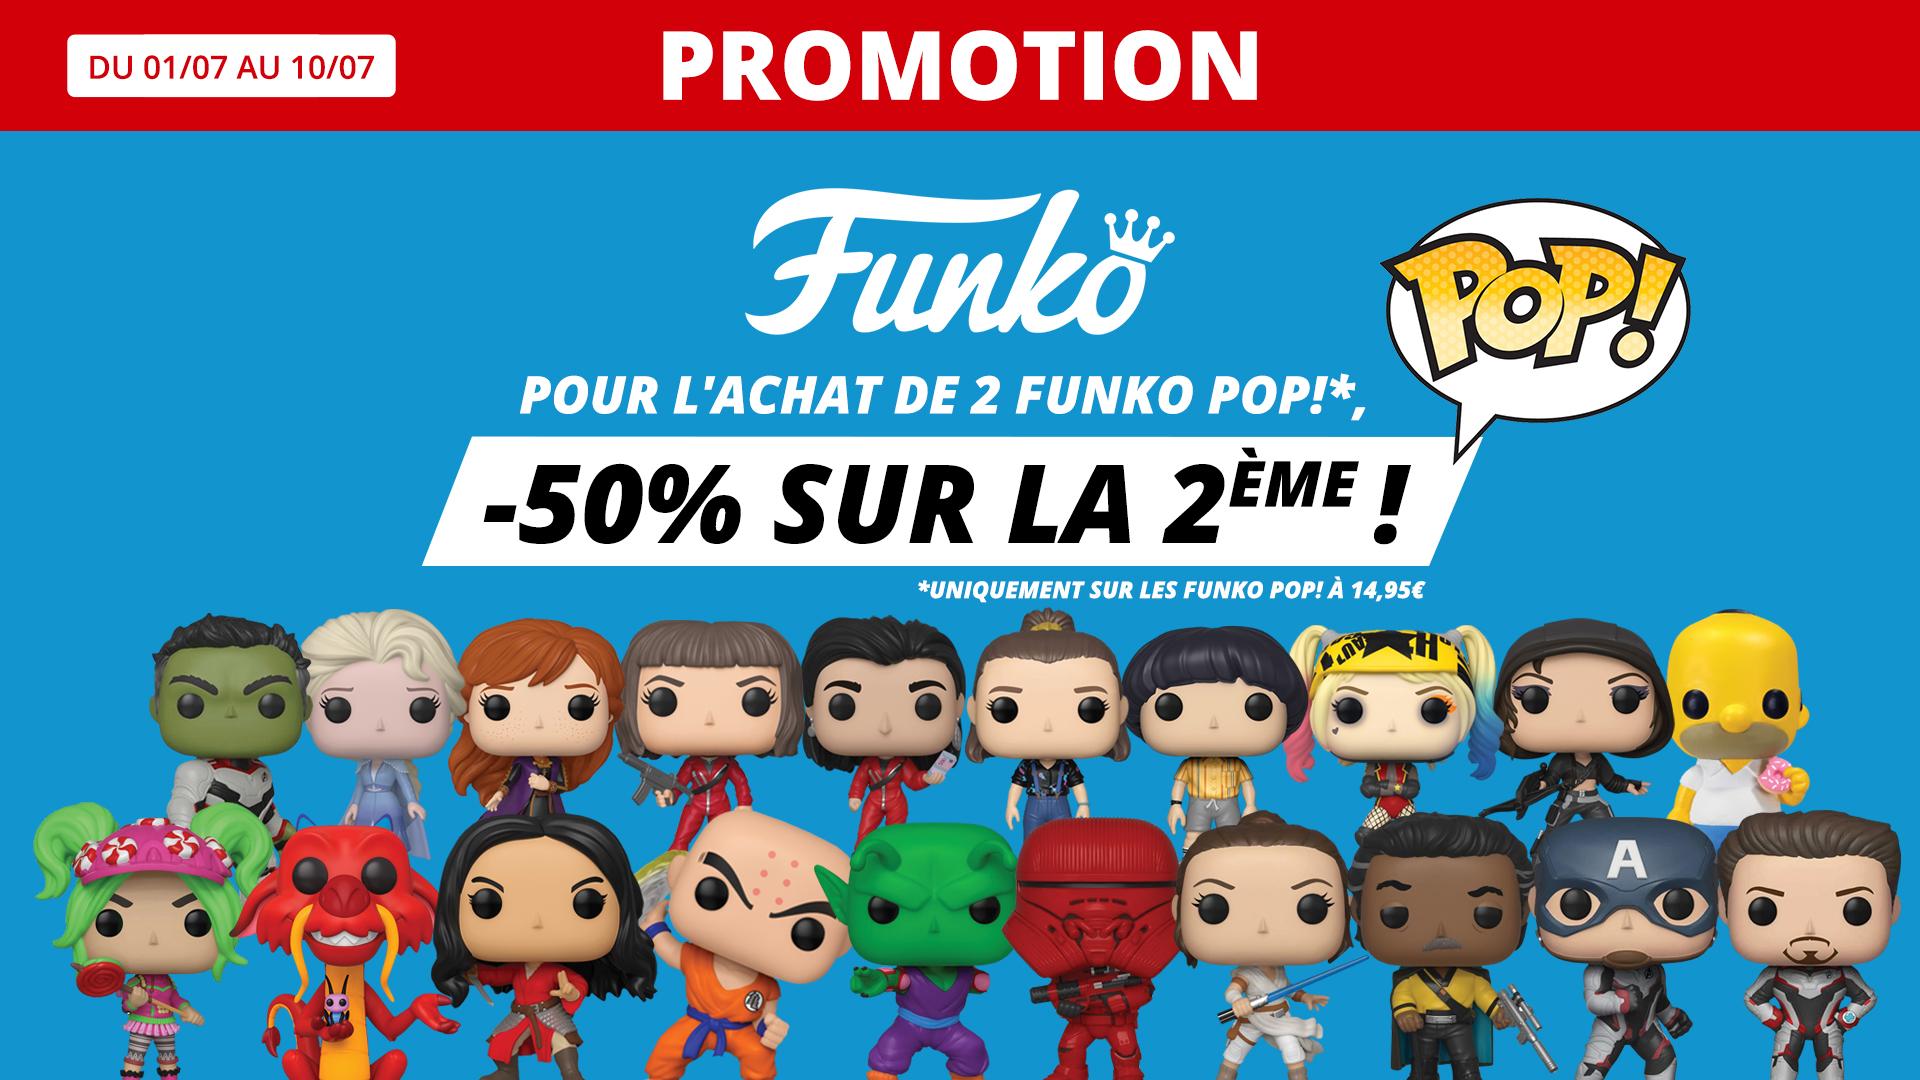 Promotion sur le Funko pop